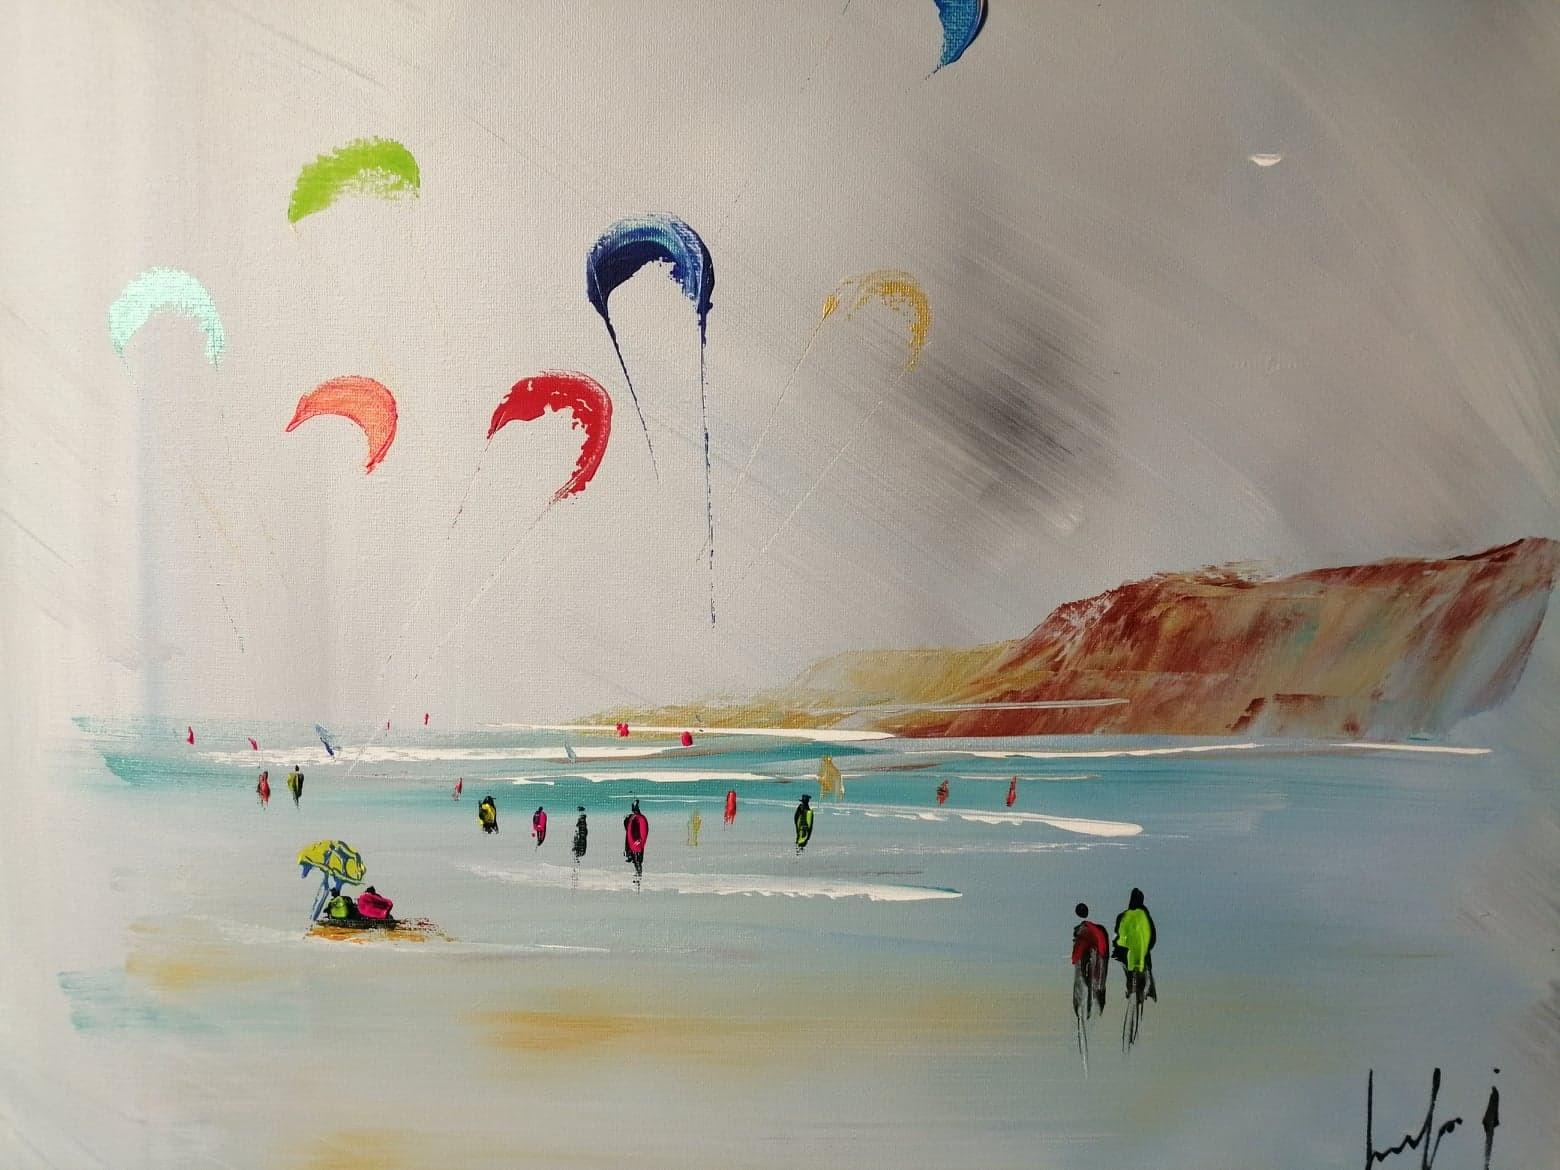 kites surf à Wimereux